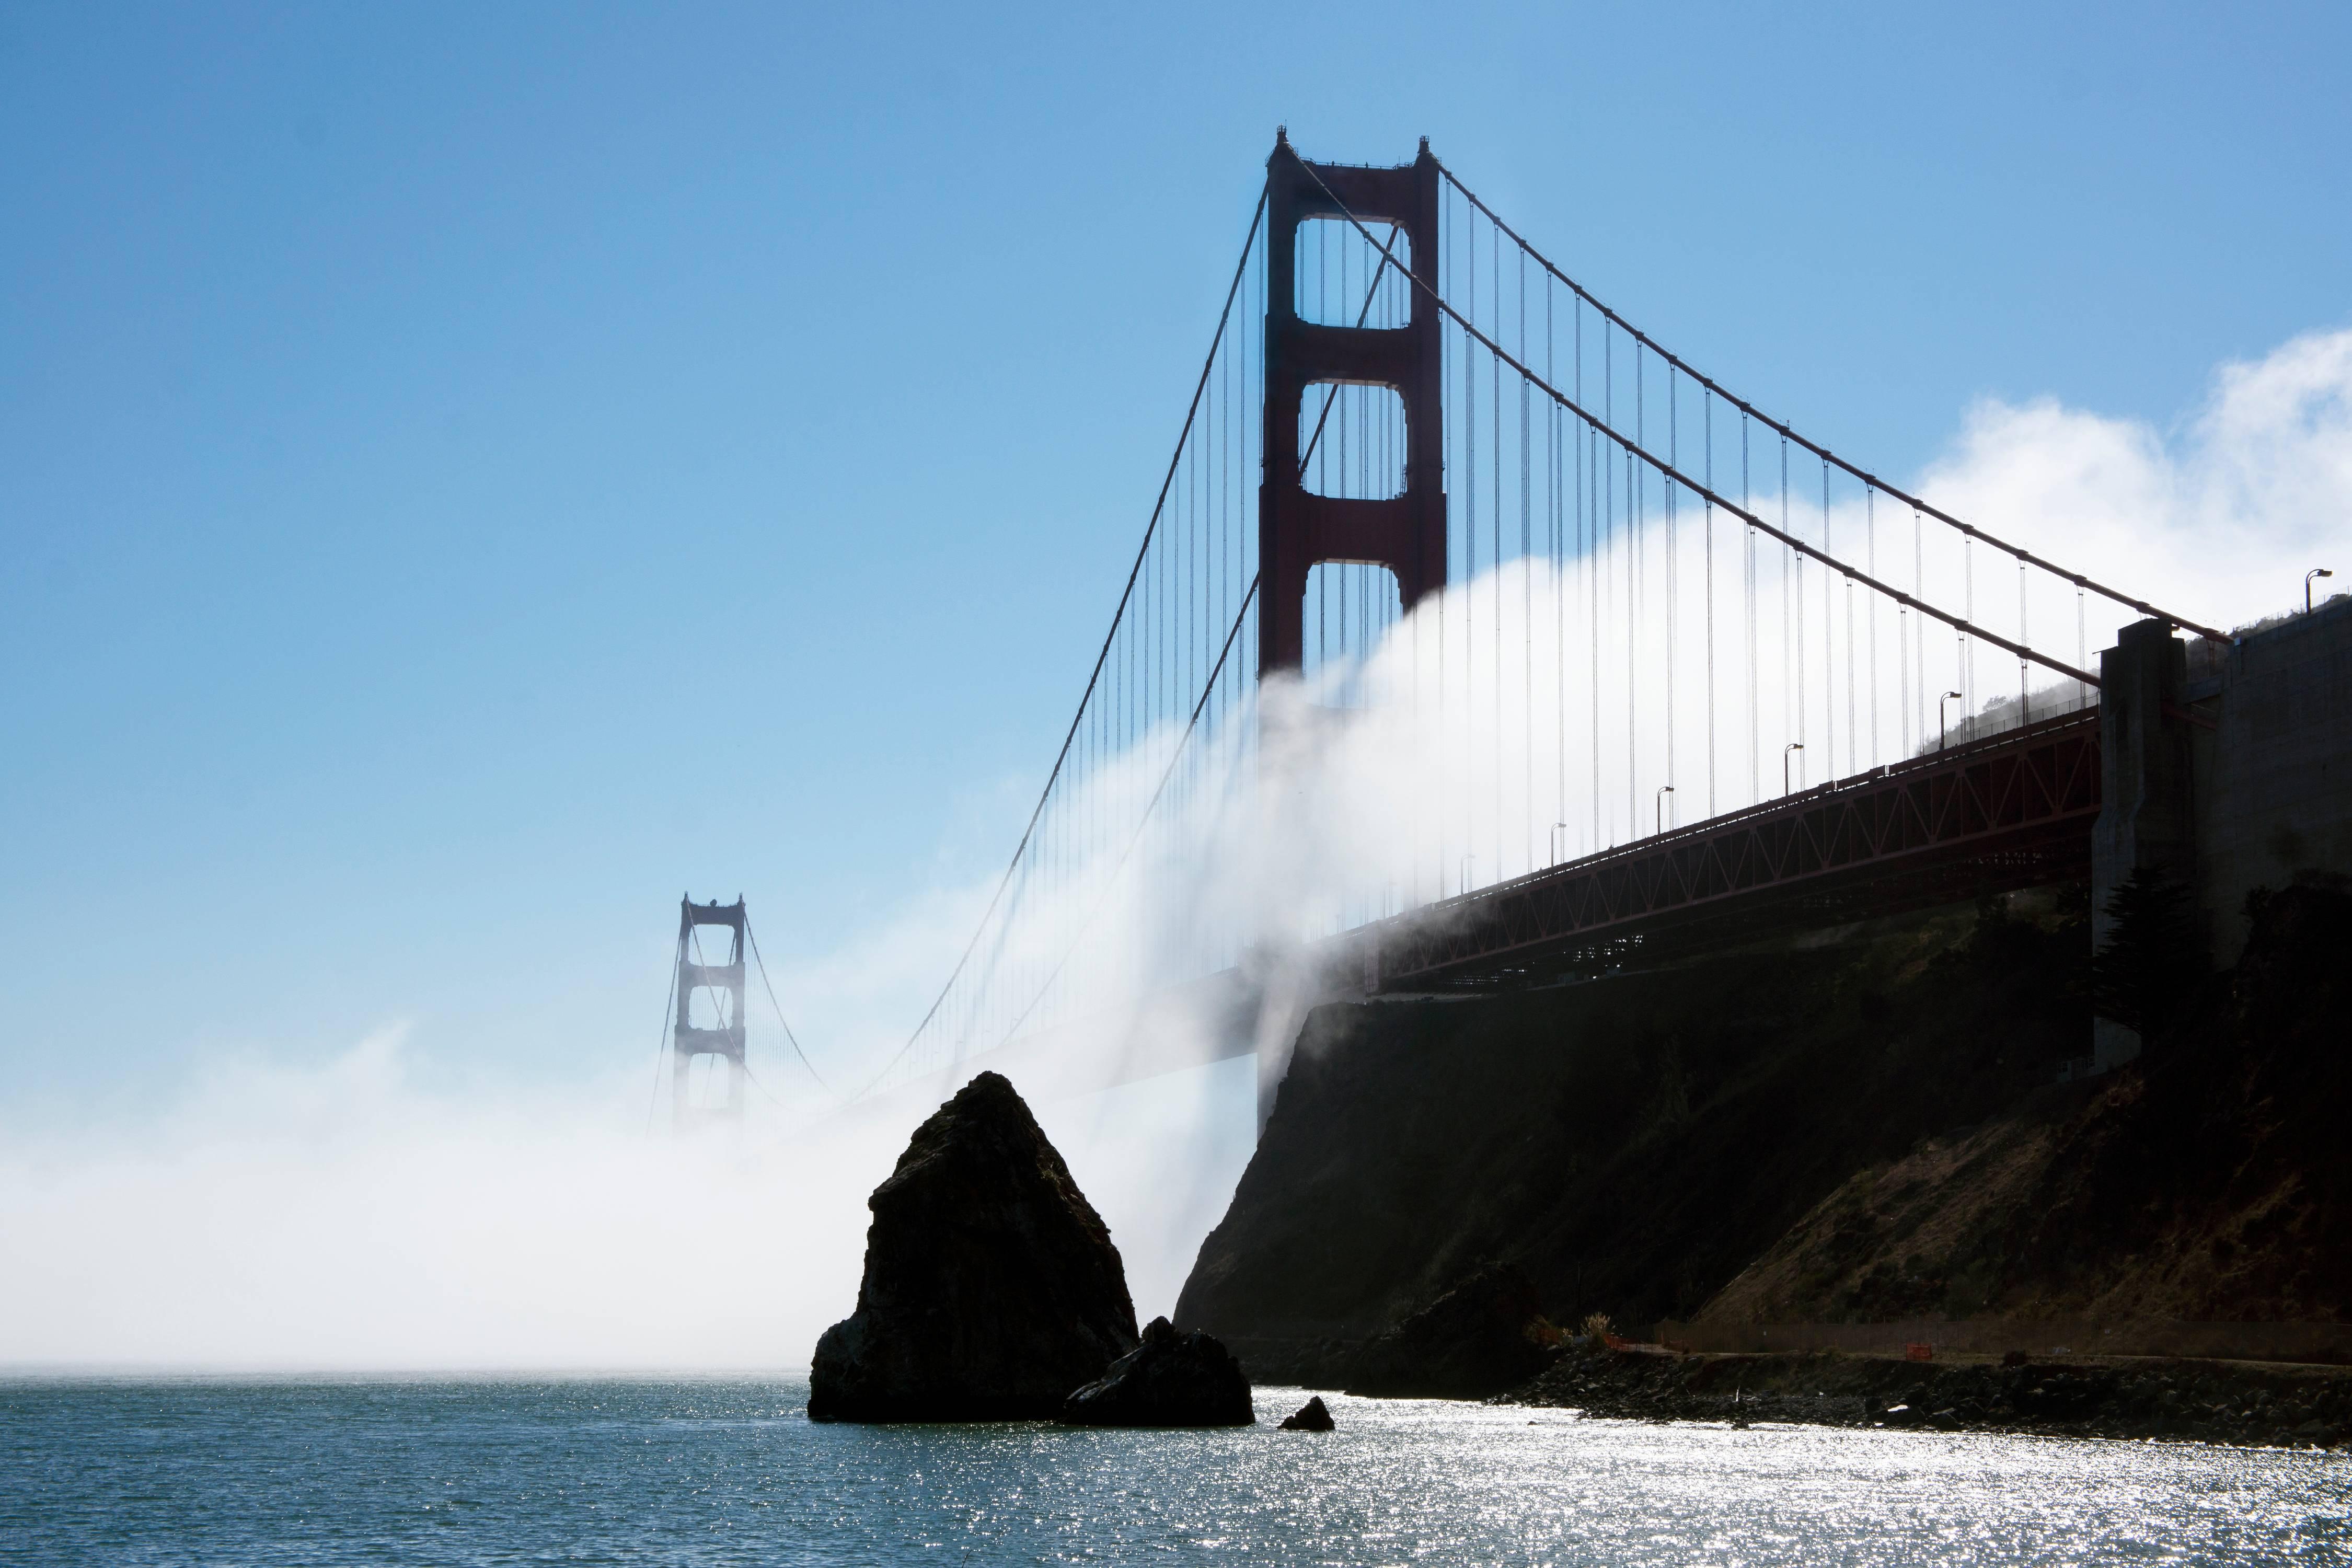 Golden Gate Bridge In October Fog and Light.